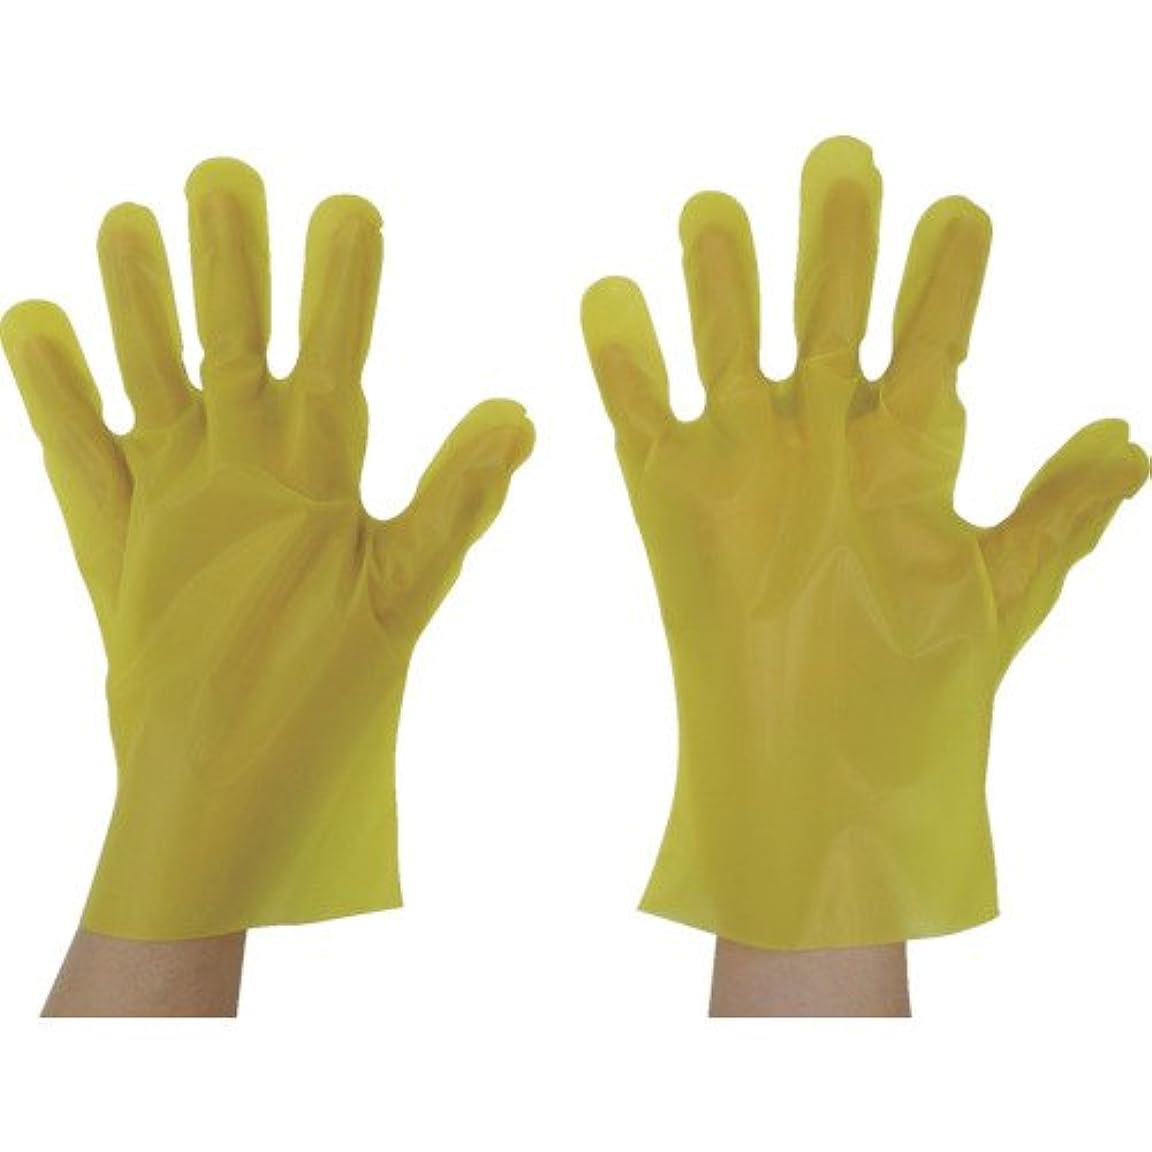 等価システム気楽な東京パック エンボス手袋五本絞りエコノミー化粧箱L イエロー YEK-L